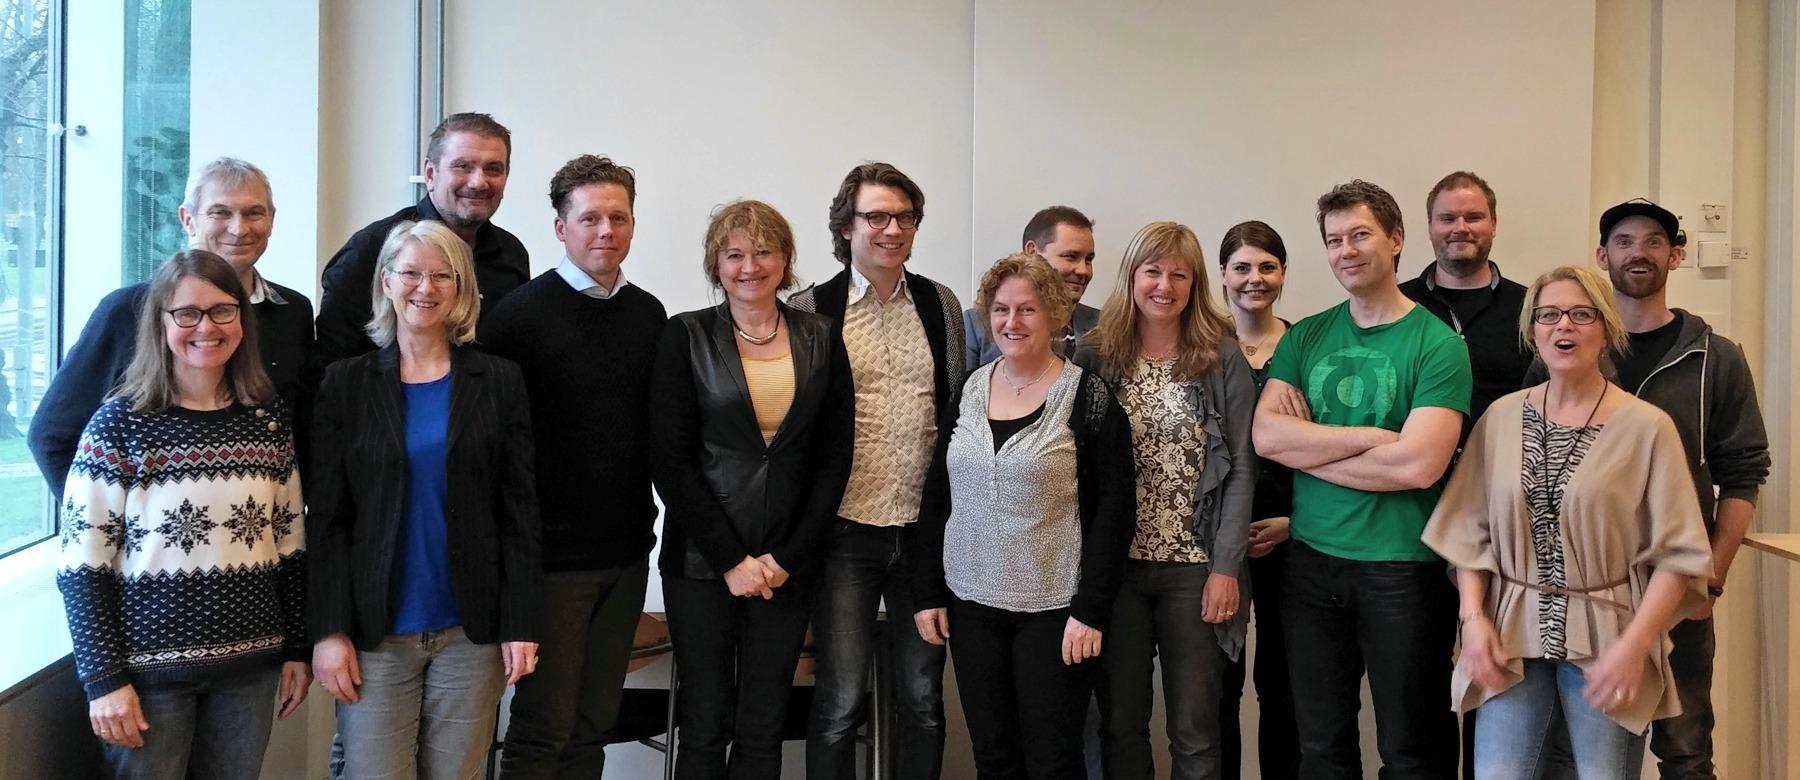 DigitaL bjuder in till diskussionsforum kring digitalisering av vården